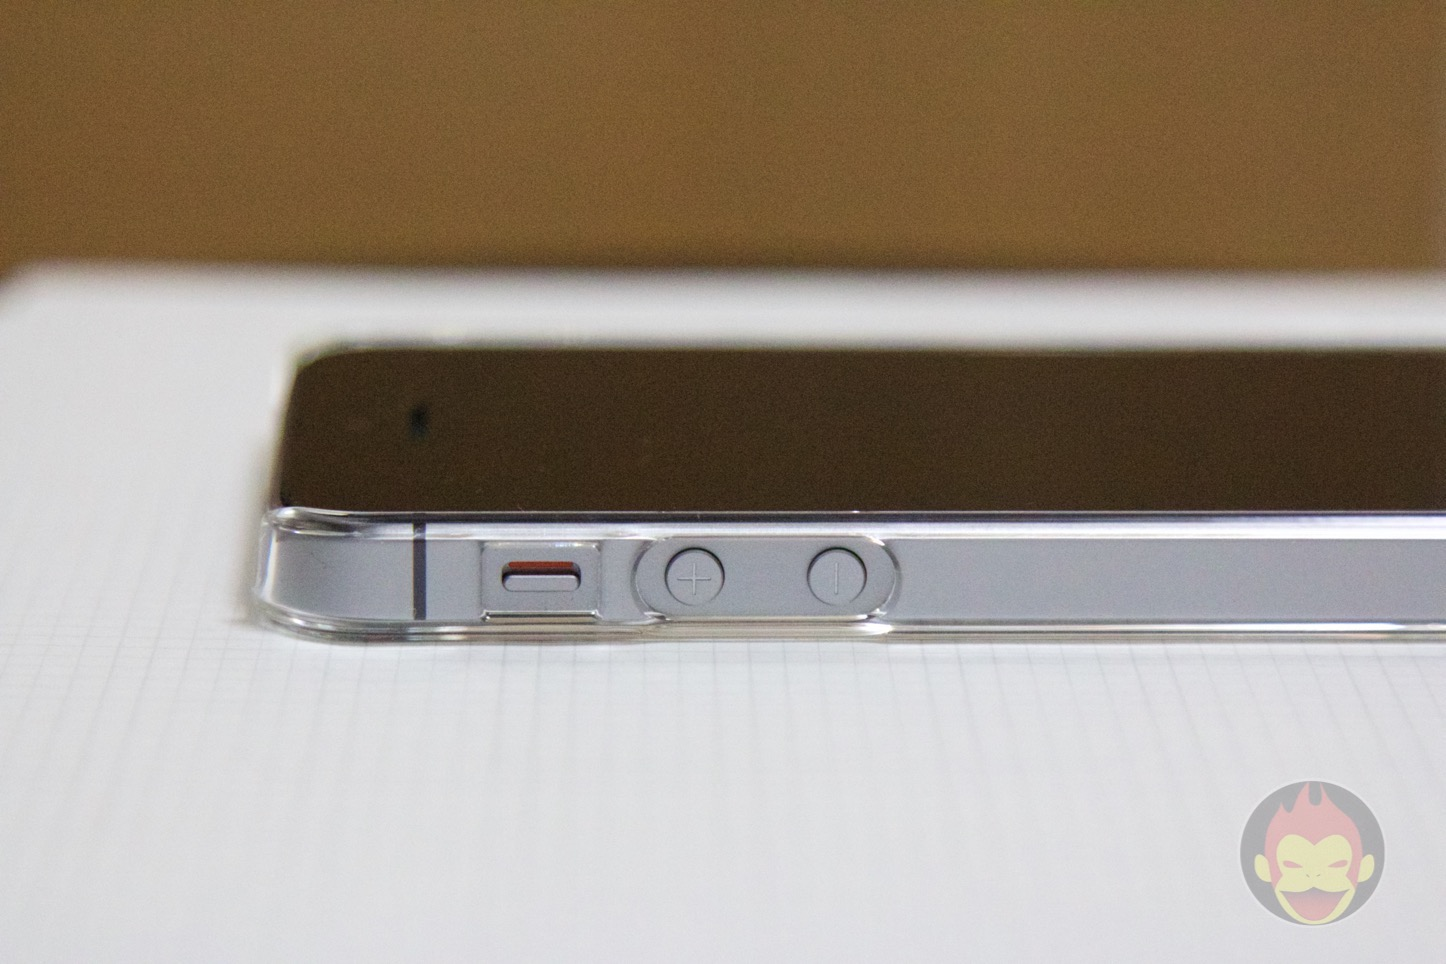 Spigen-Thin-Fit-iPhone-SE-Case-04.jpg